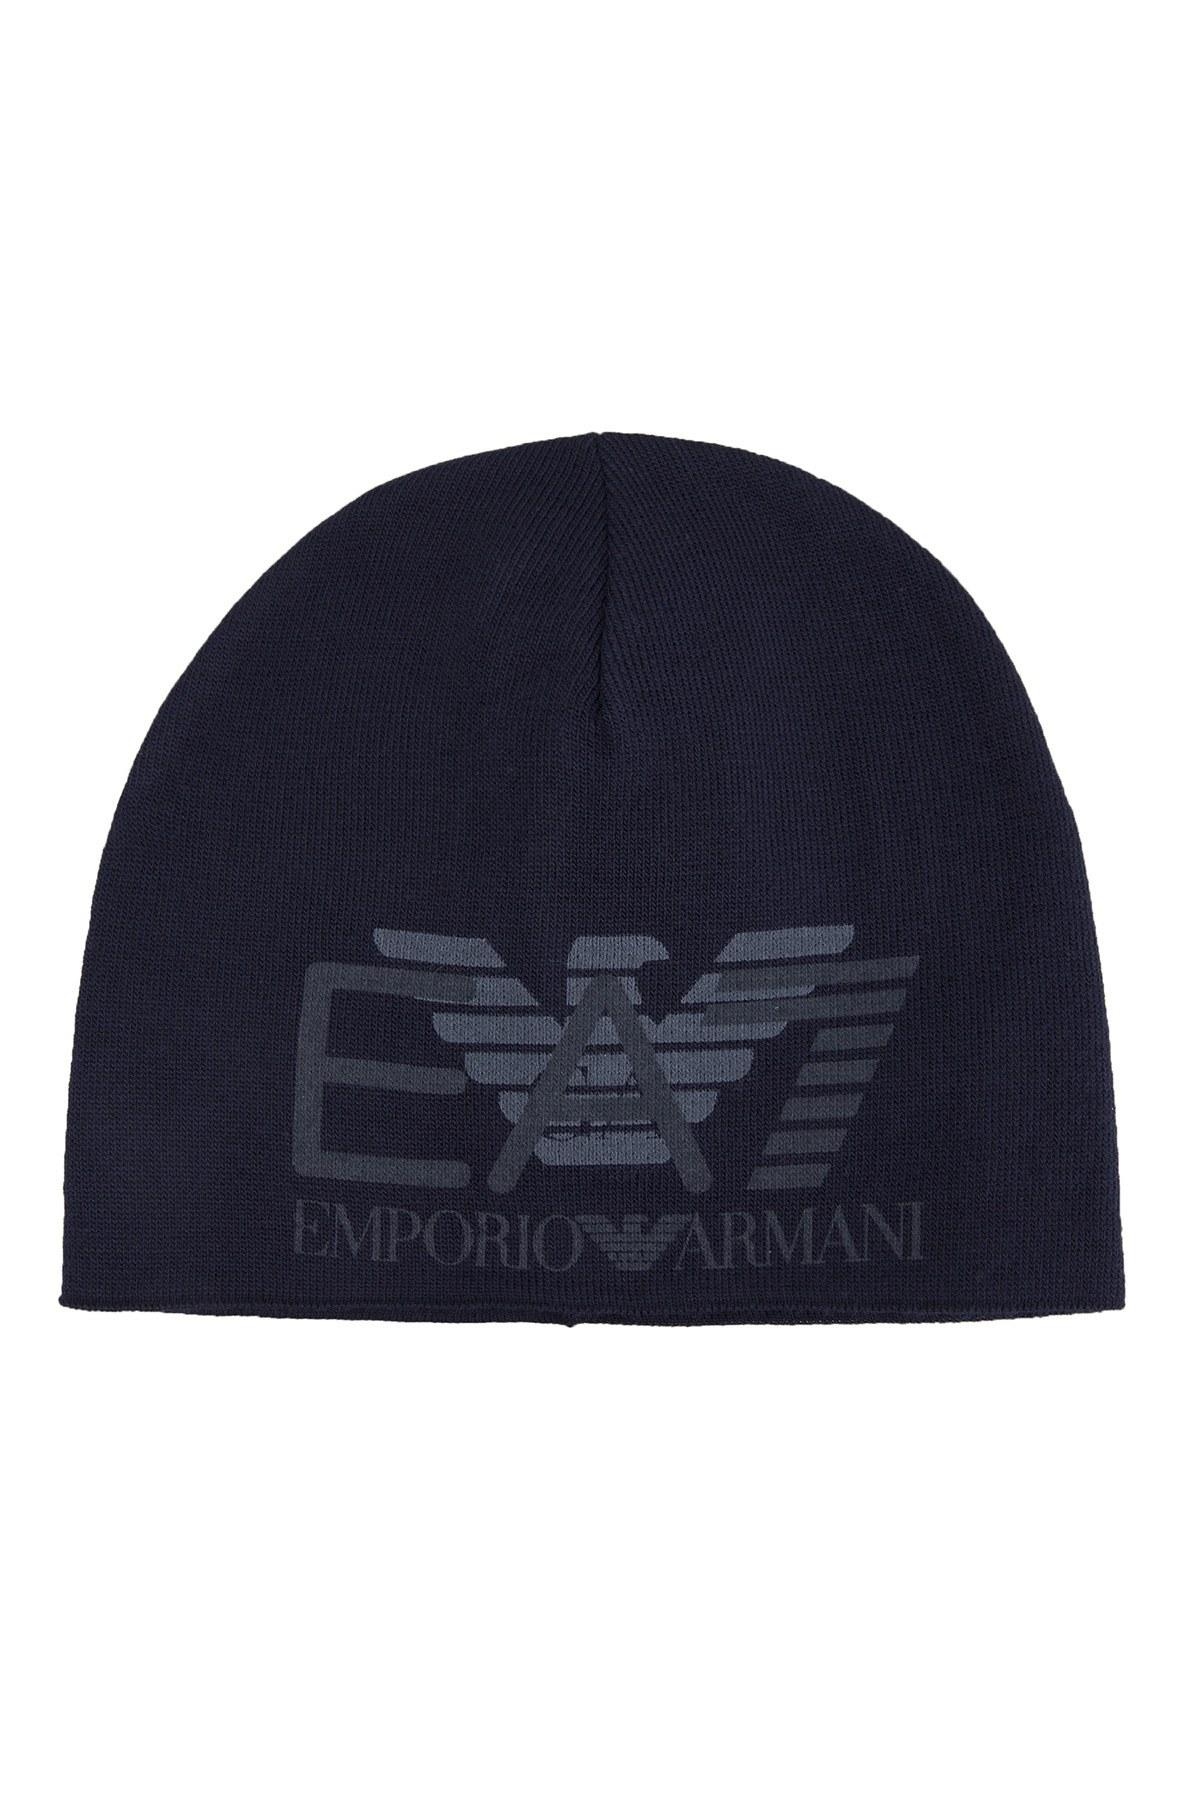 EA7 Erkek Şapka 275638 7A393 02836 LACİVERT